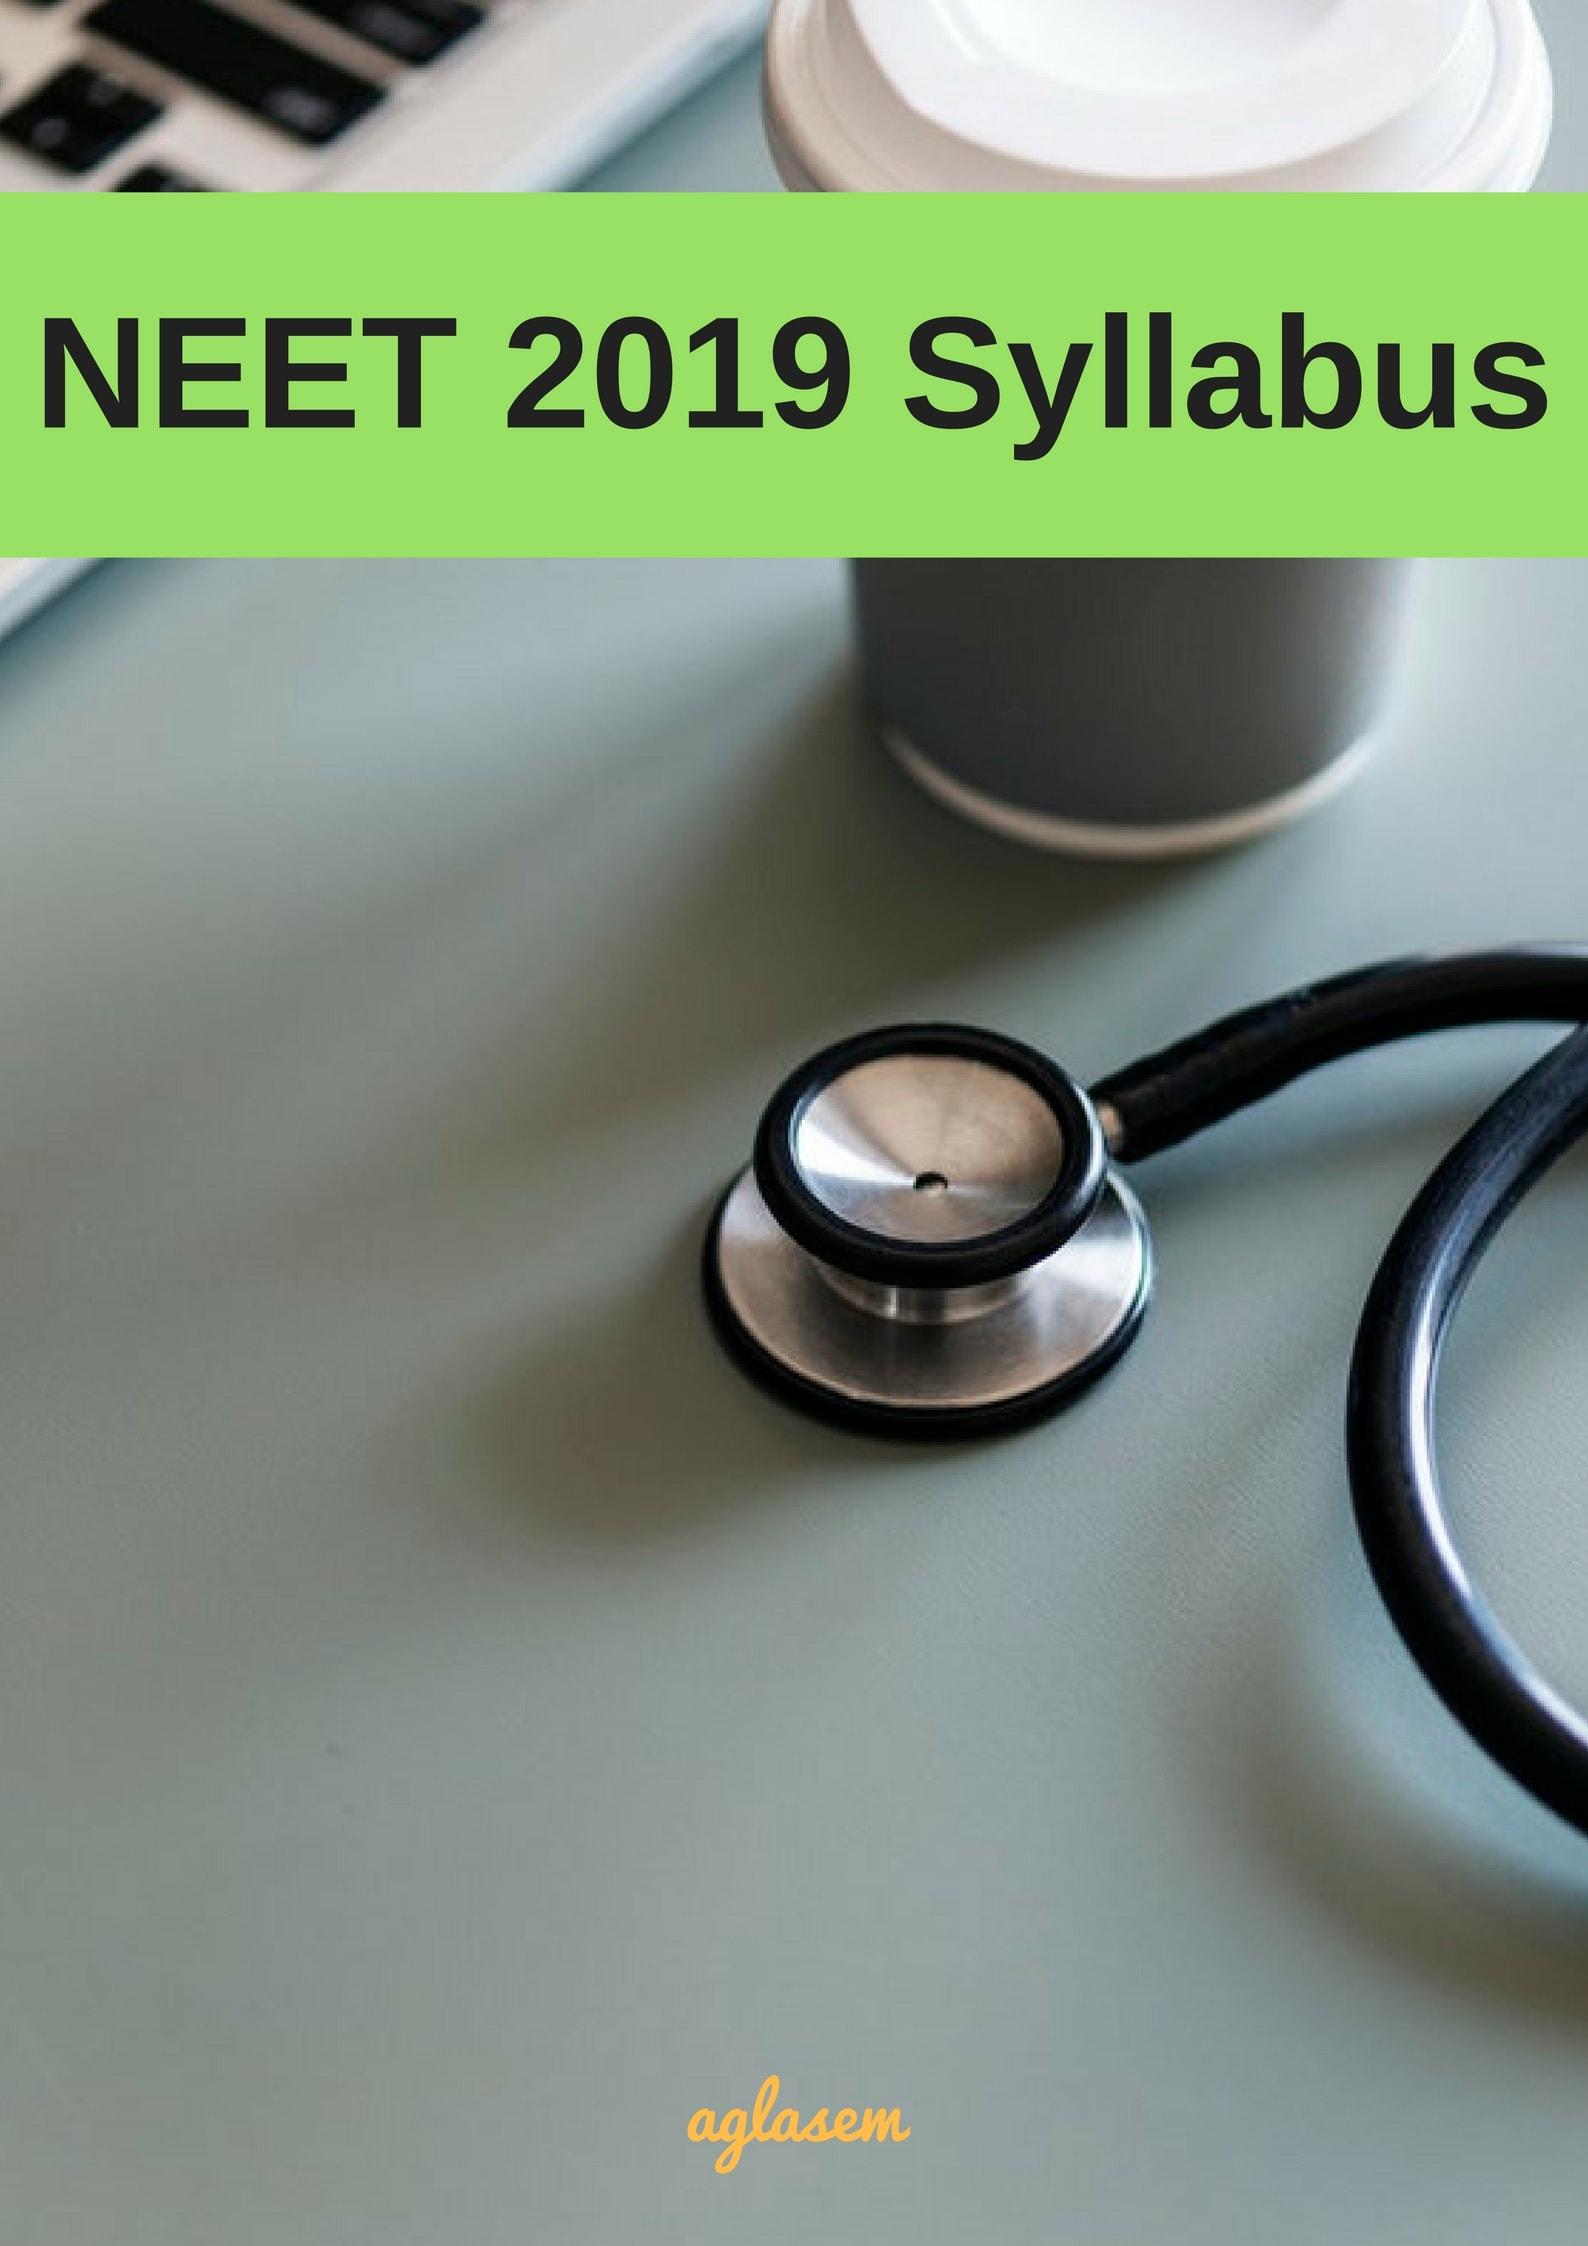 NEET 2019 Syllabus PDF – Download Topic Wise Syllabus Here